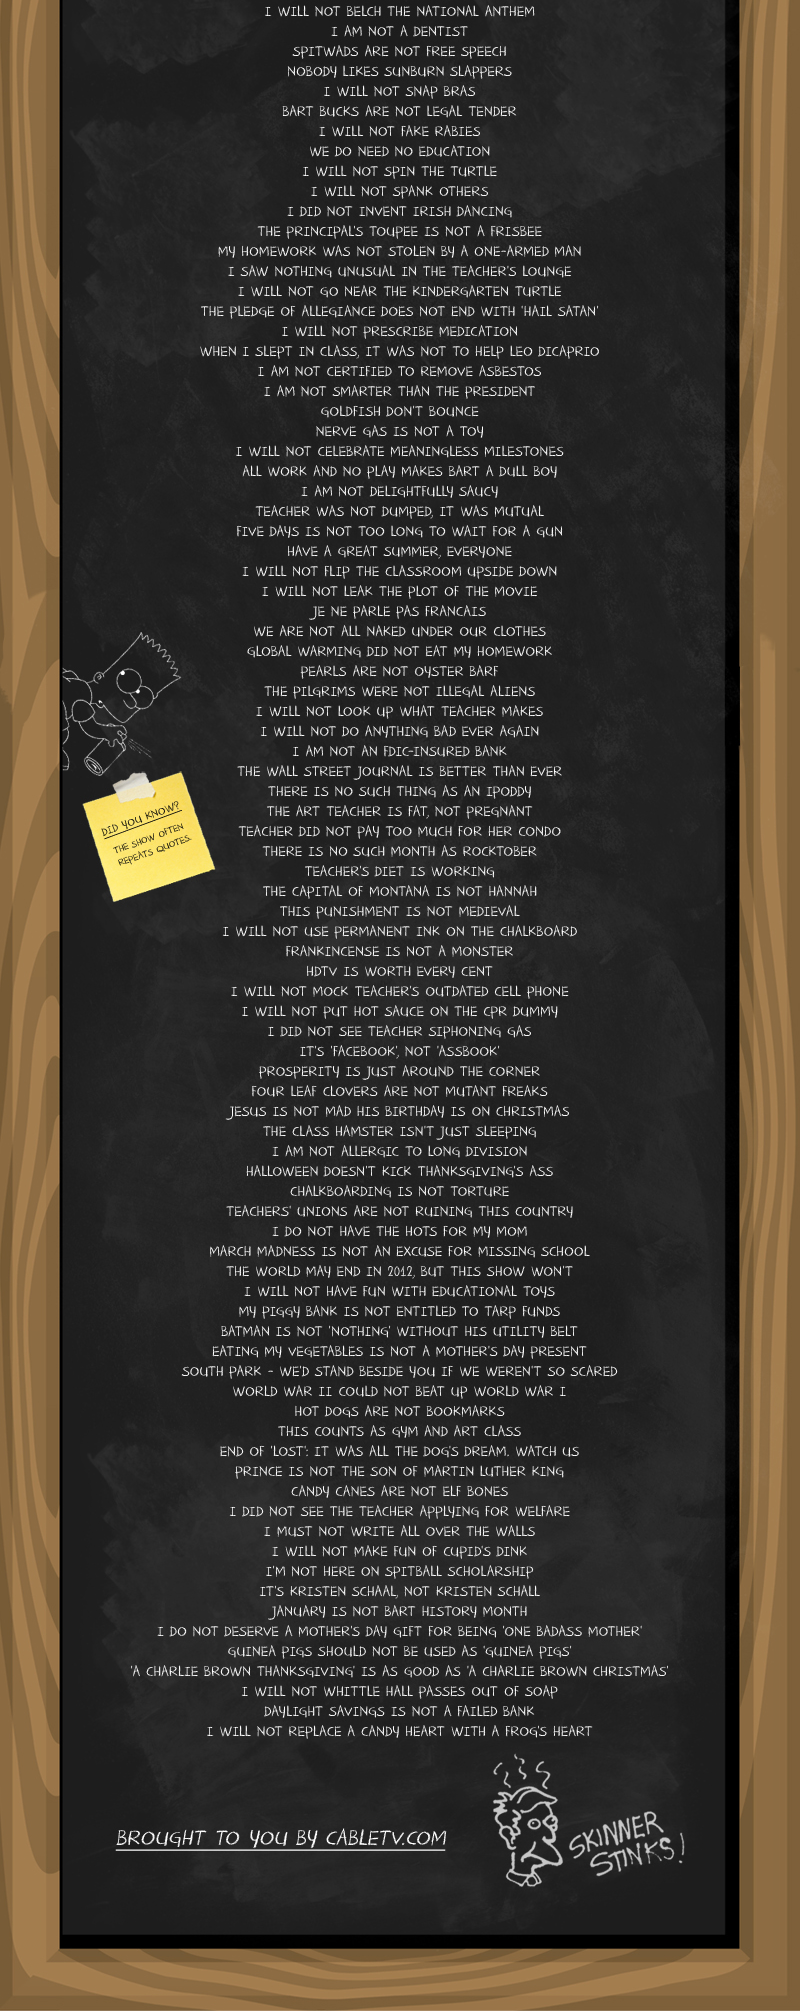 Todas-as-frases-que-o-Bart-escreveu-na-lousa-na-abertura-dos-Simpsons_03